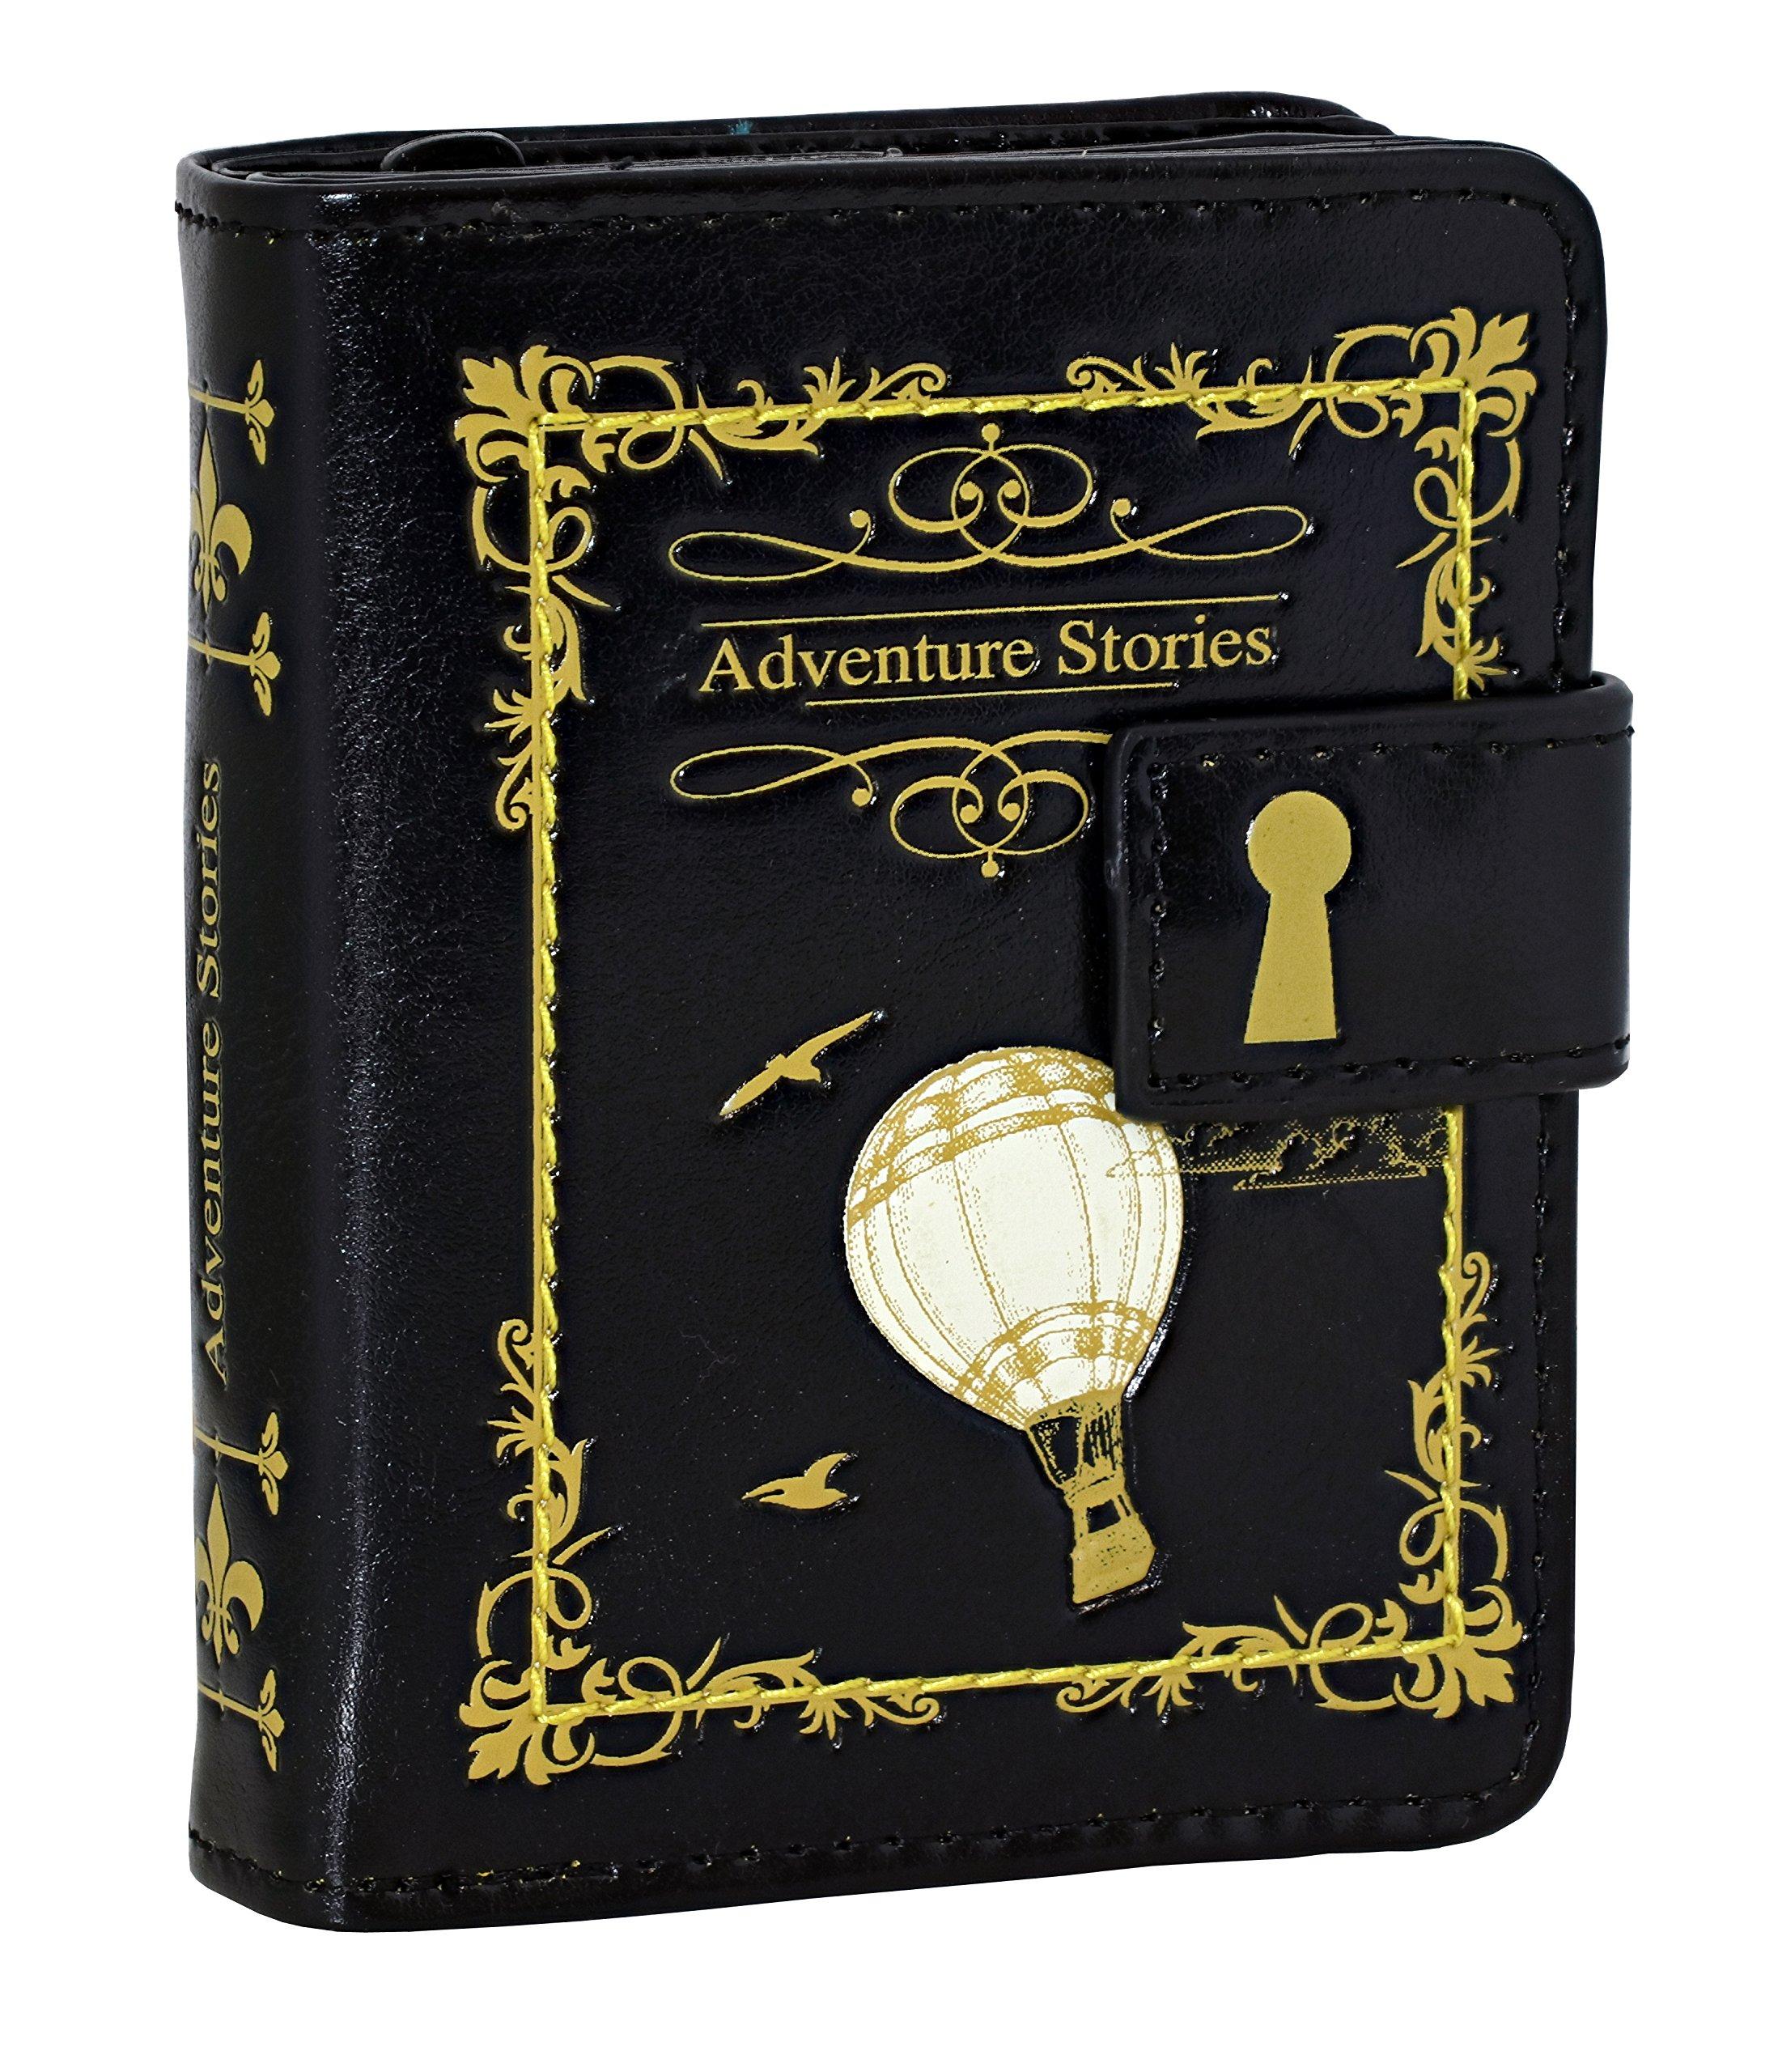 Shagwear Literature Bi Fold Adventure Stories Black